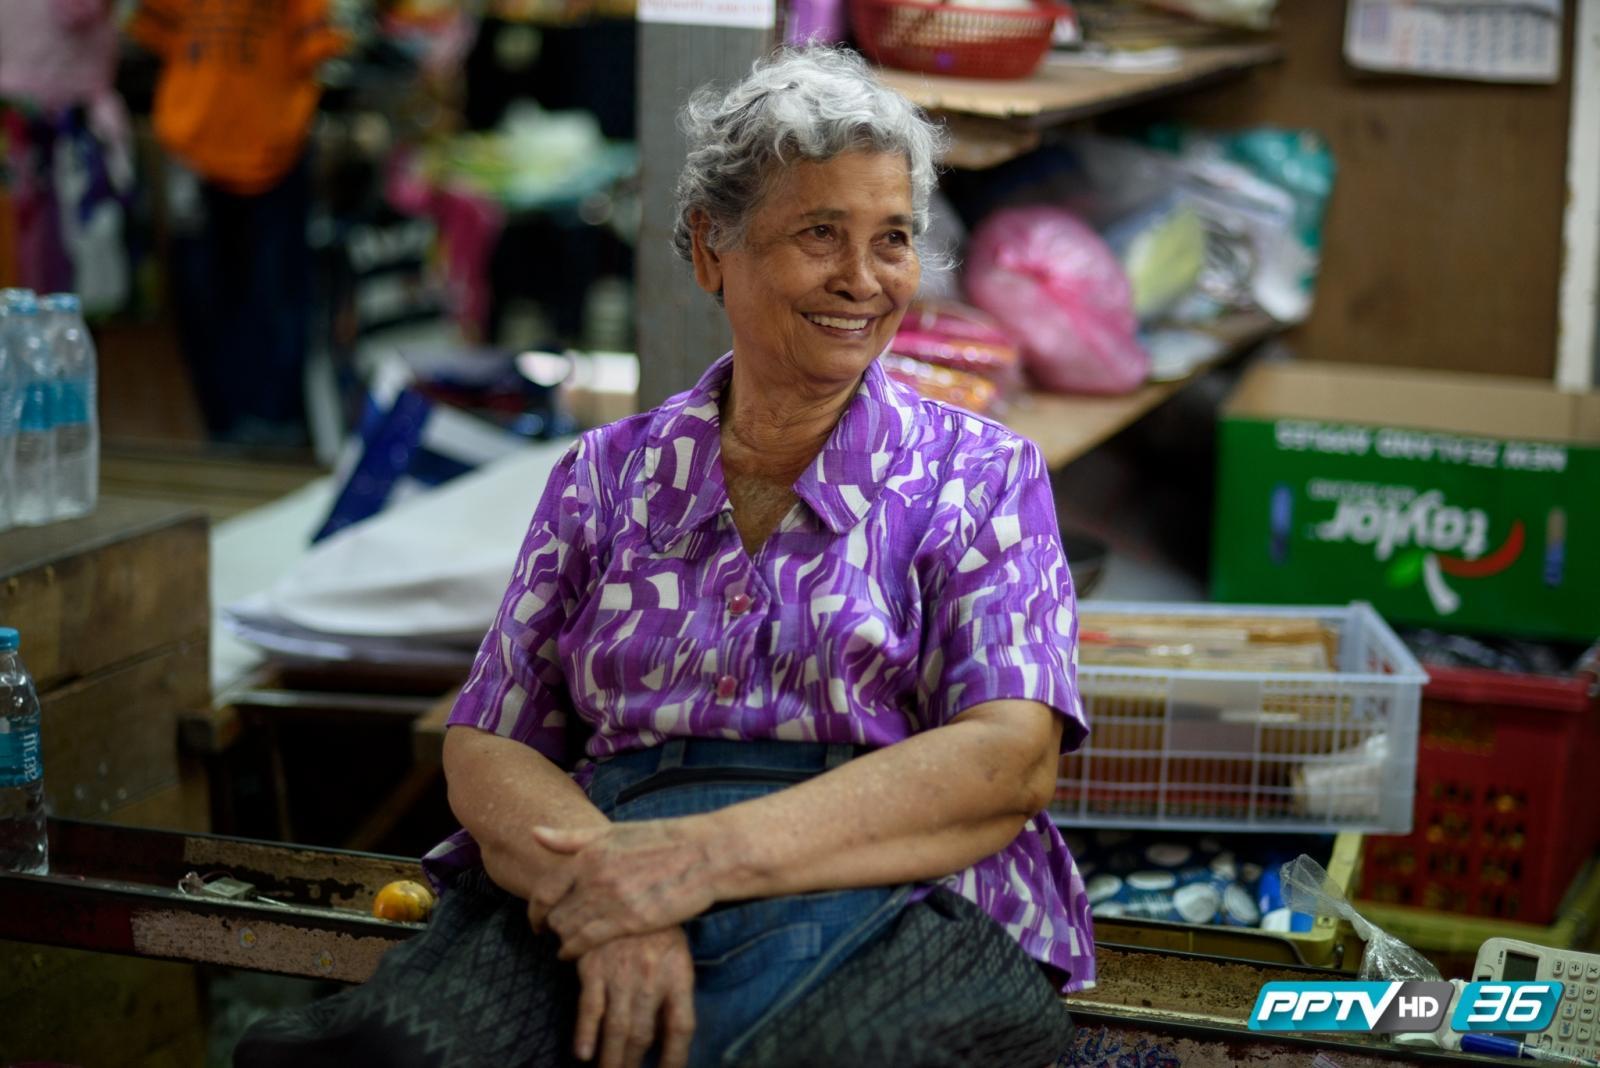 ครม.เพิ่มความสุขให้ผู้สูงอายุจ่อเพิ่มเบี้ยชราภาพ 3.5 ล้านราย